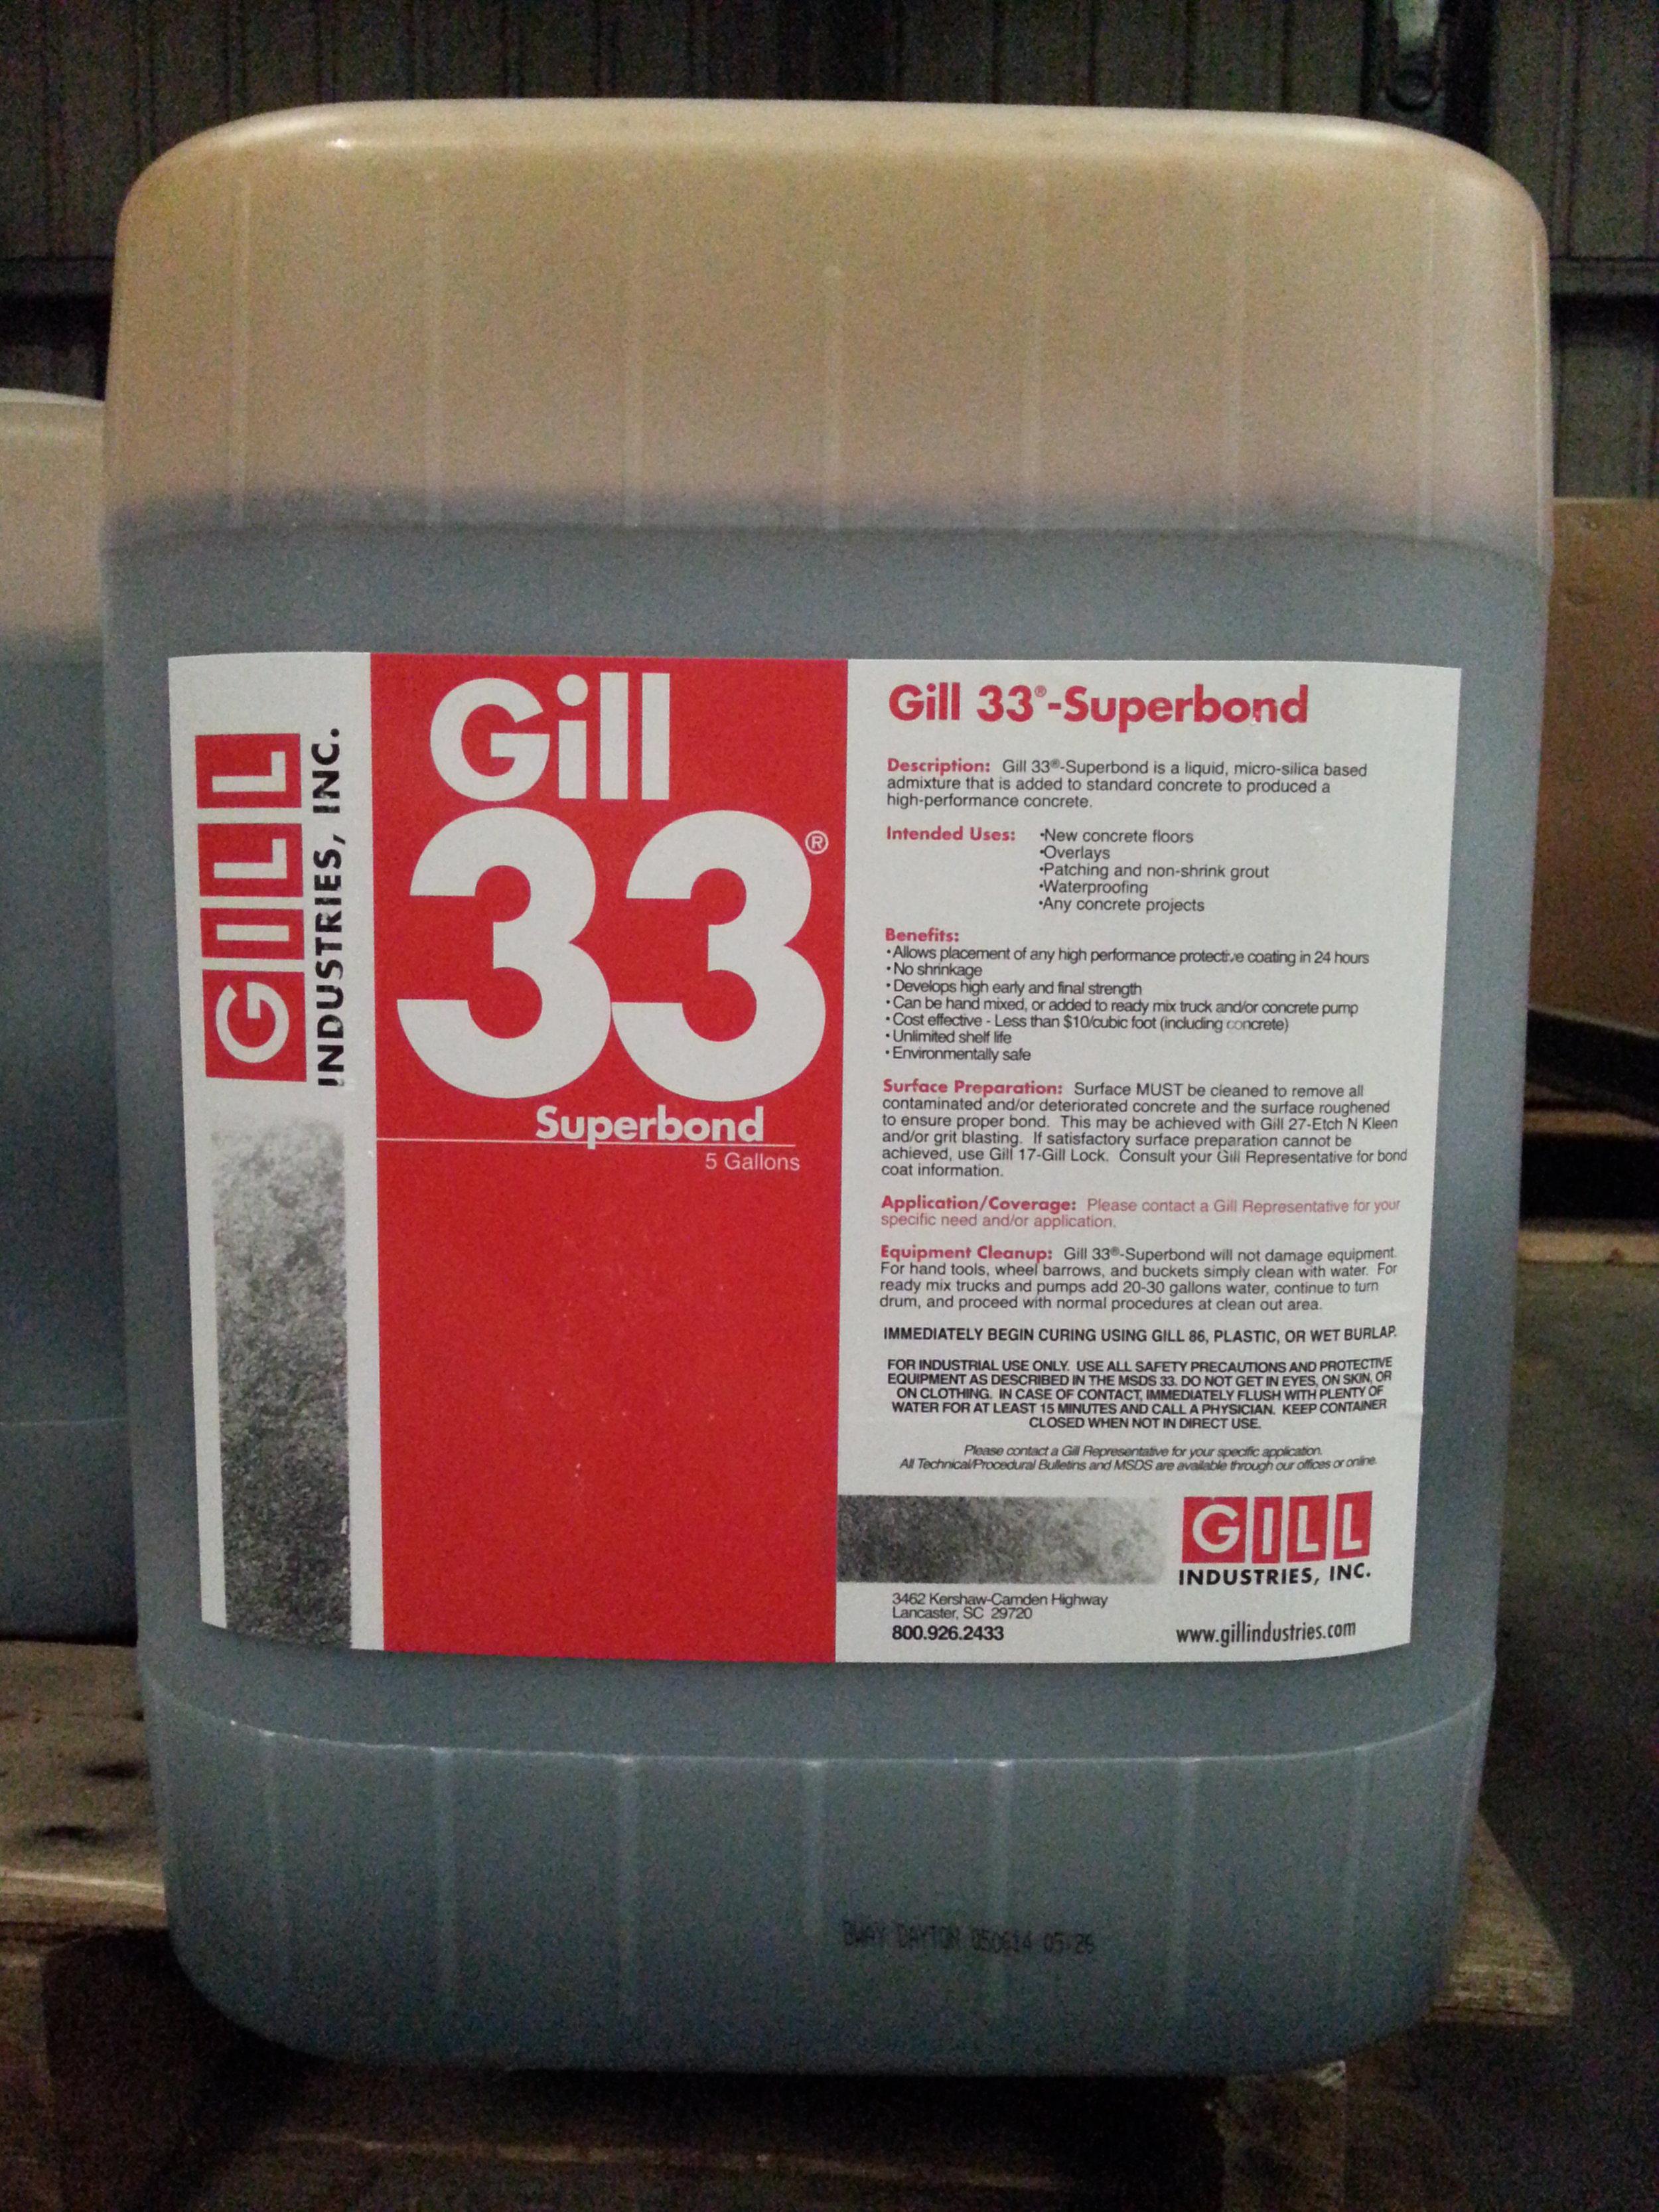 Gill 33® Superbond